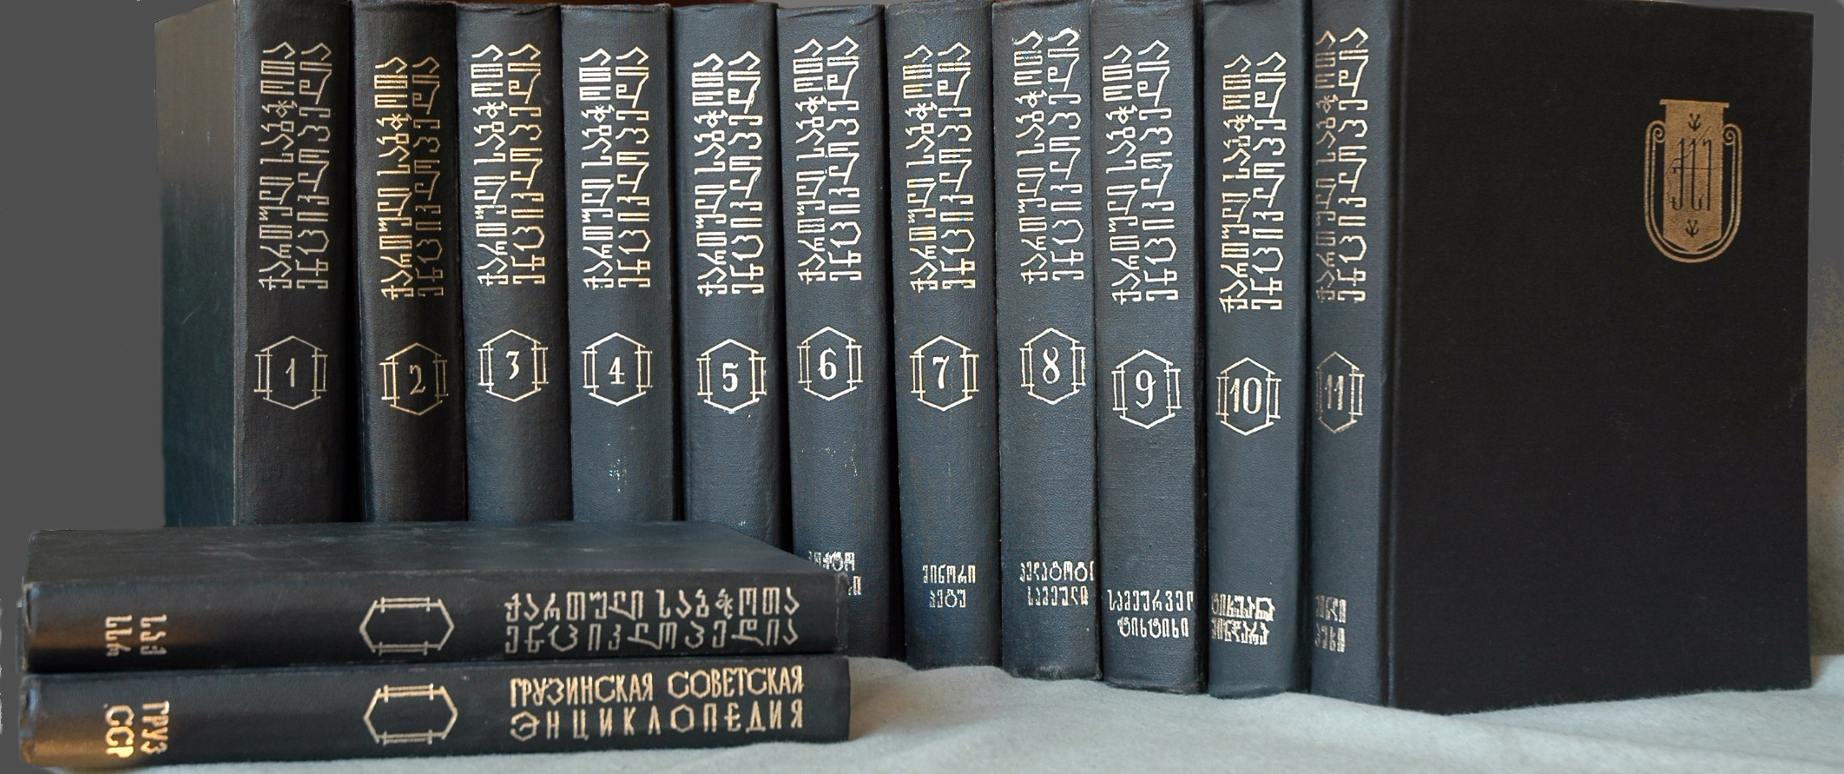 ქართული ენციკლოპედია - ქსე, (11 ტომი და საგანგებო ტომი ორ ენაზე) (1975-87).